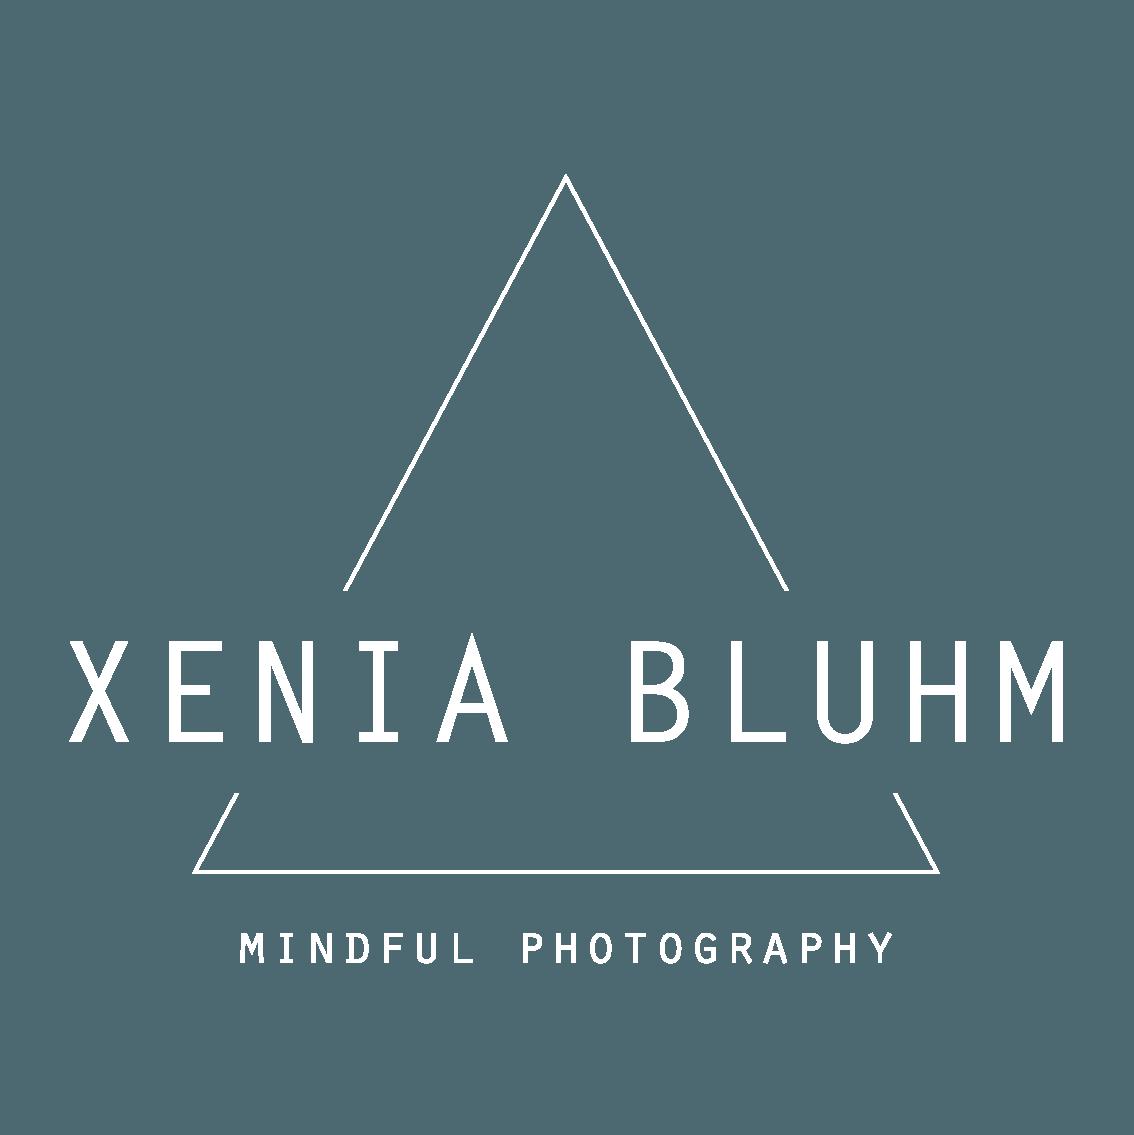 Xenia Bluhm